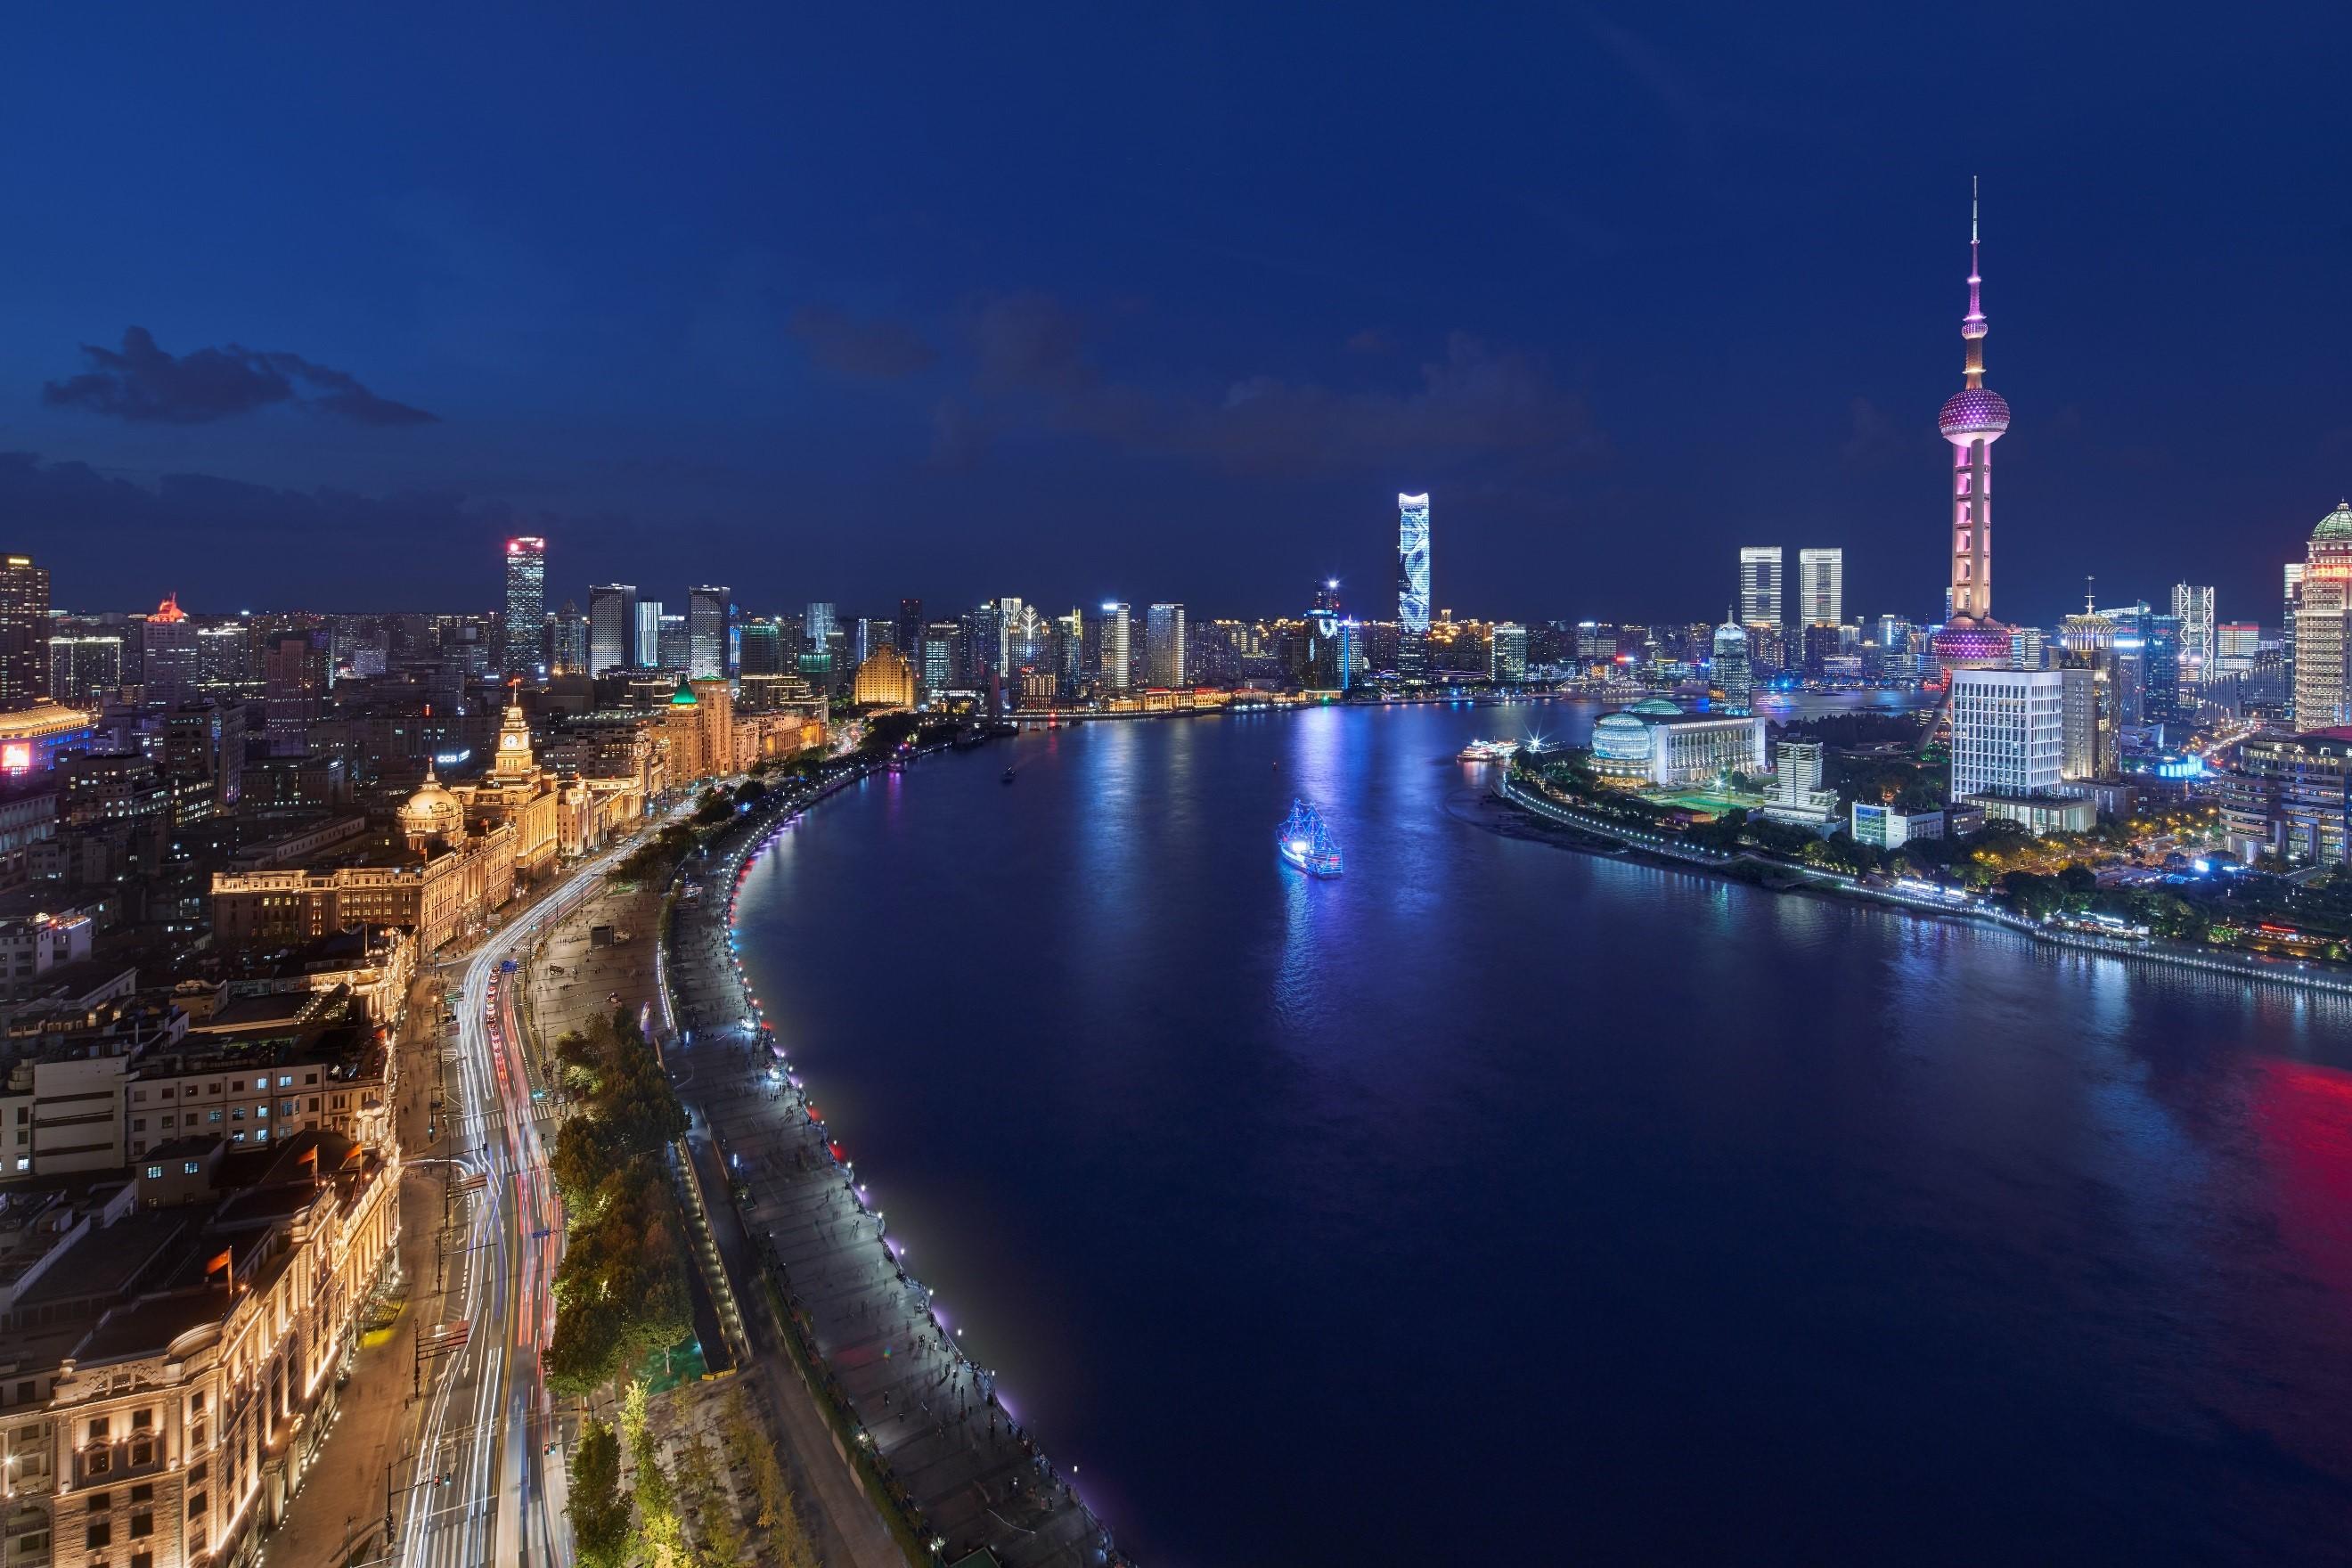 昕诺飞智能互联为上海外滩夜景增光添彩